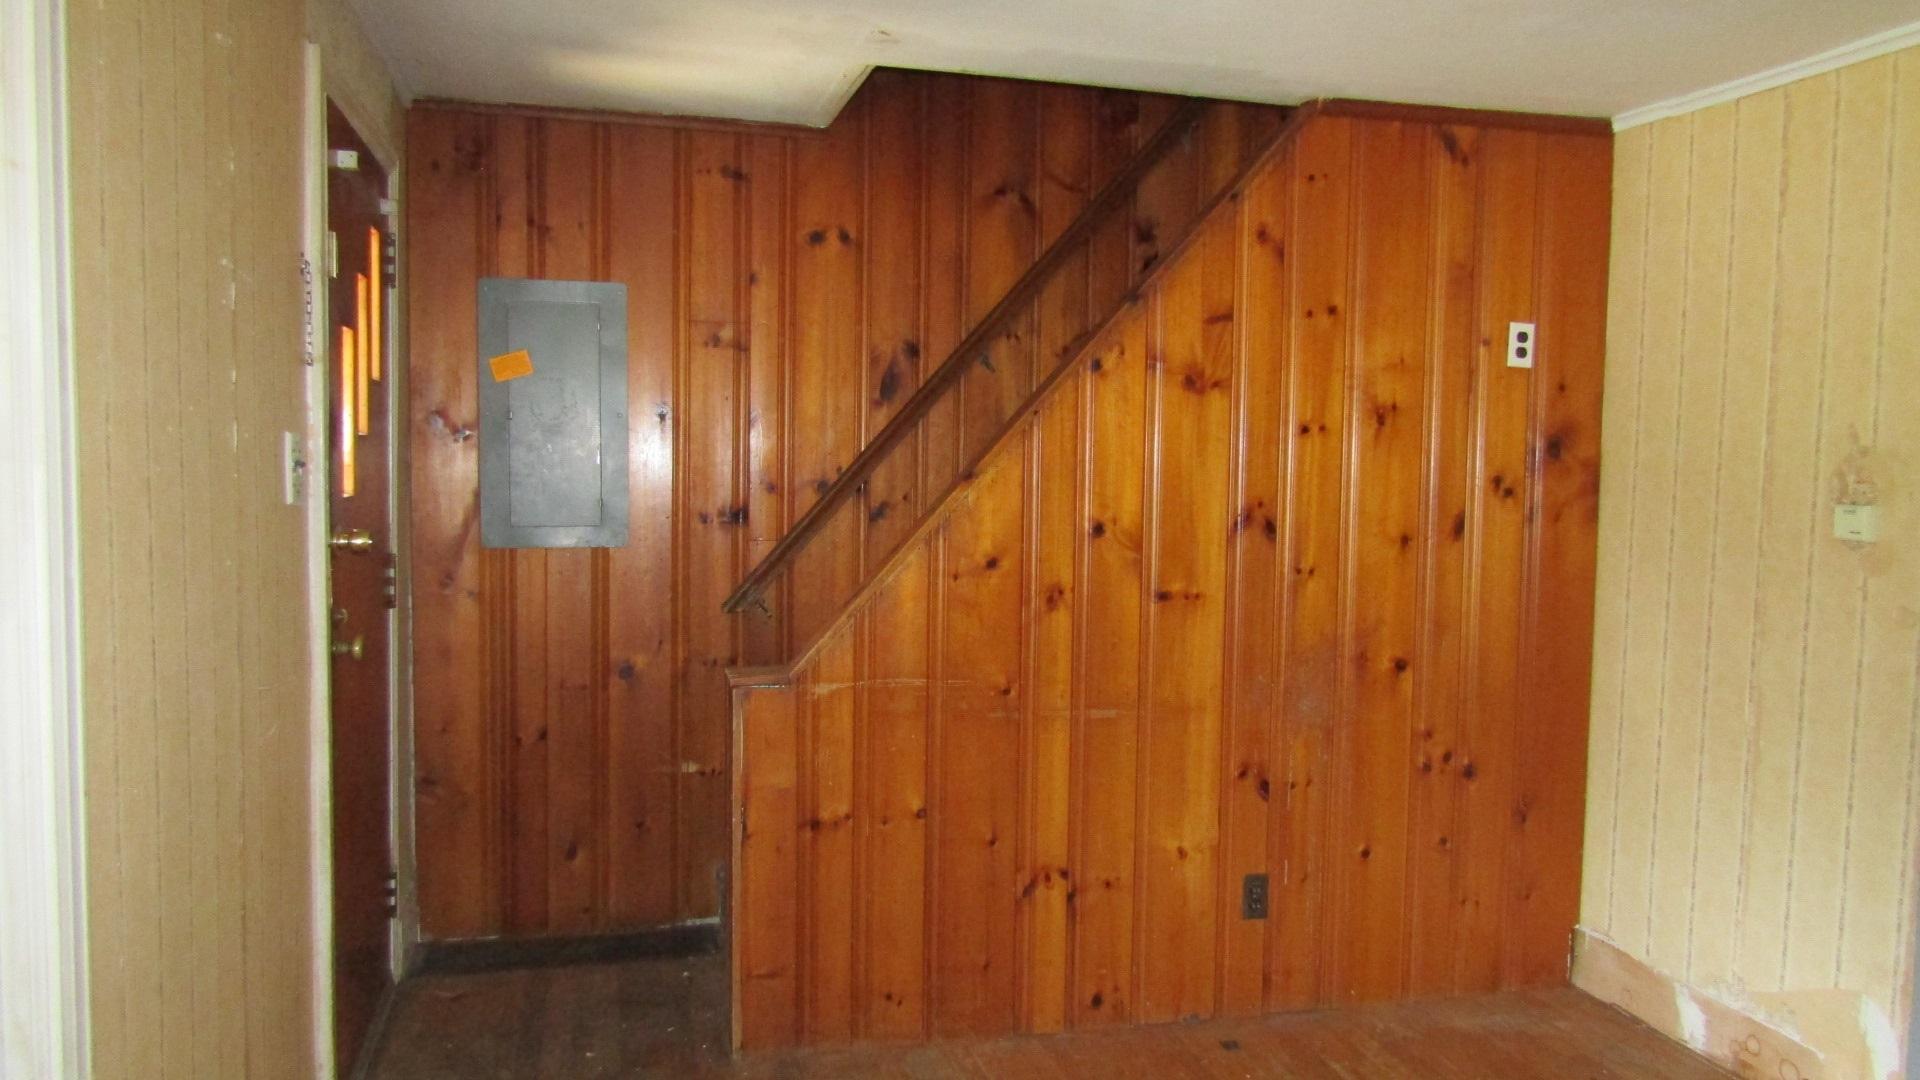 Fort Edward image 7